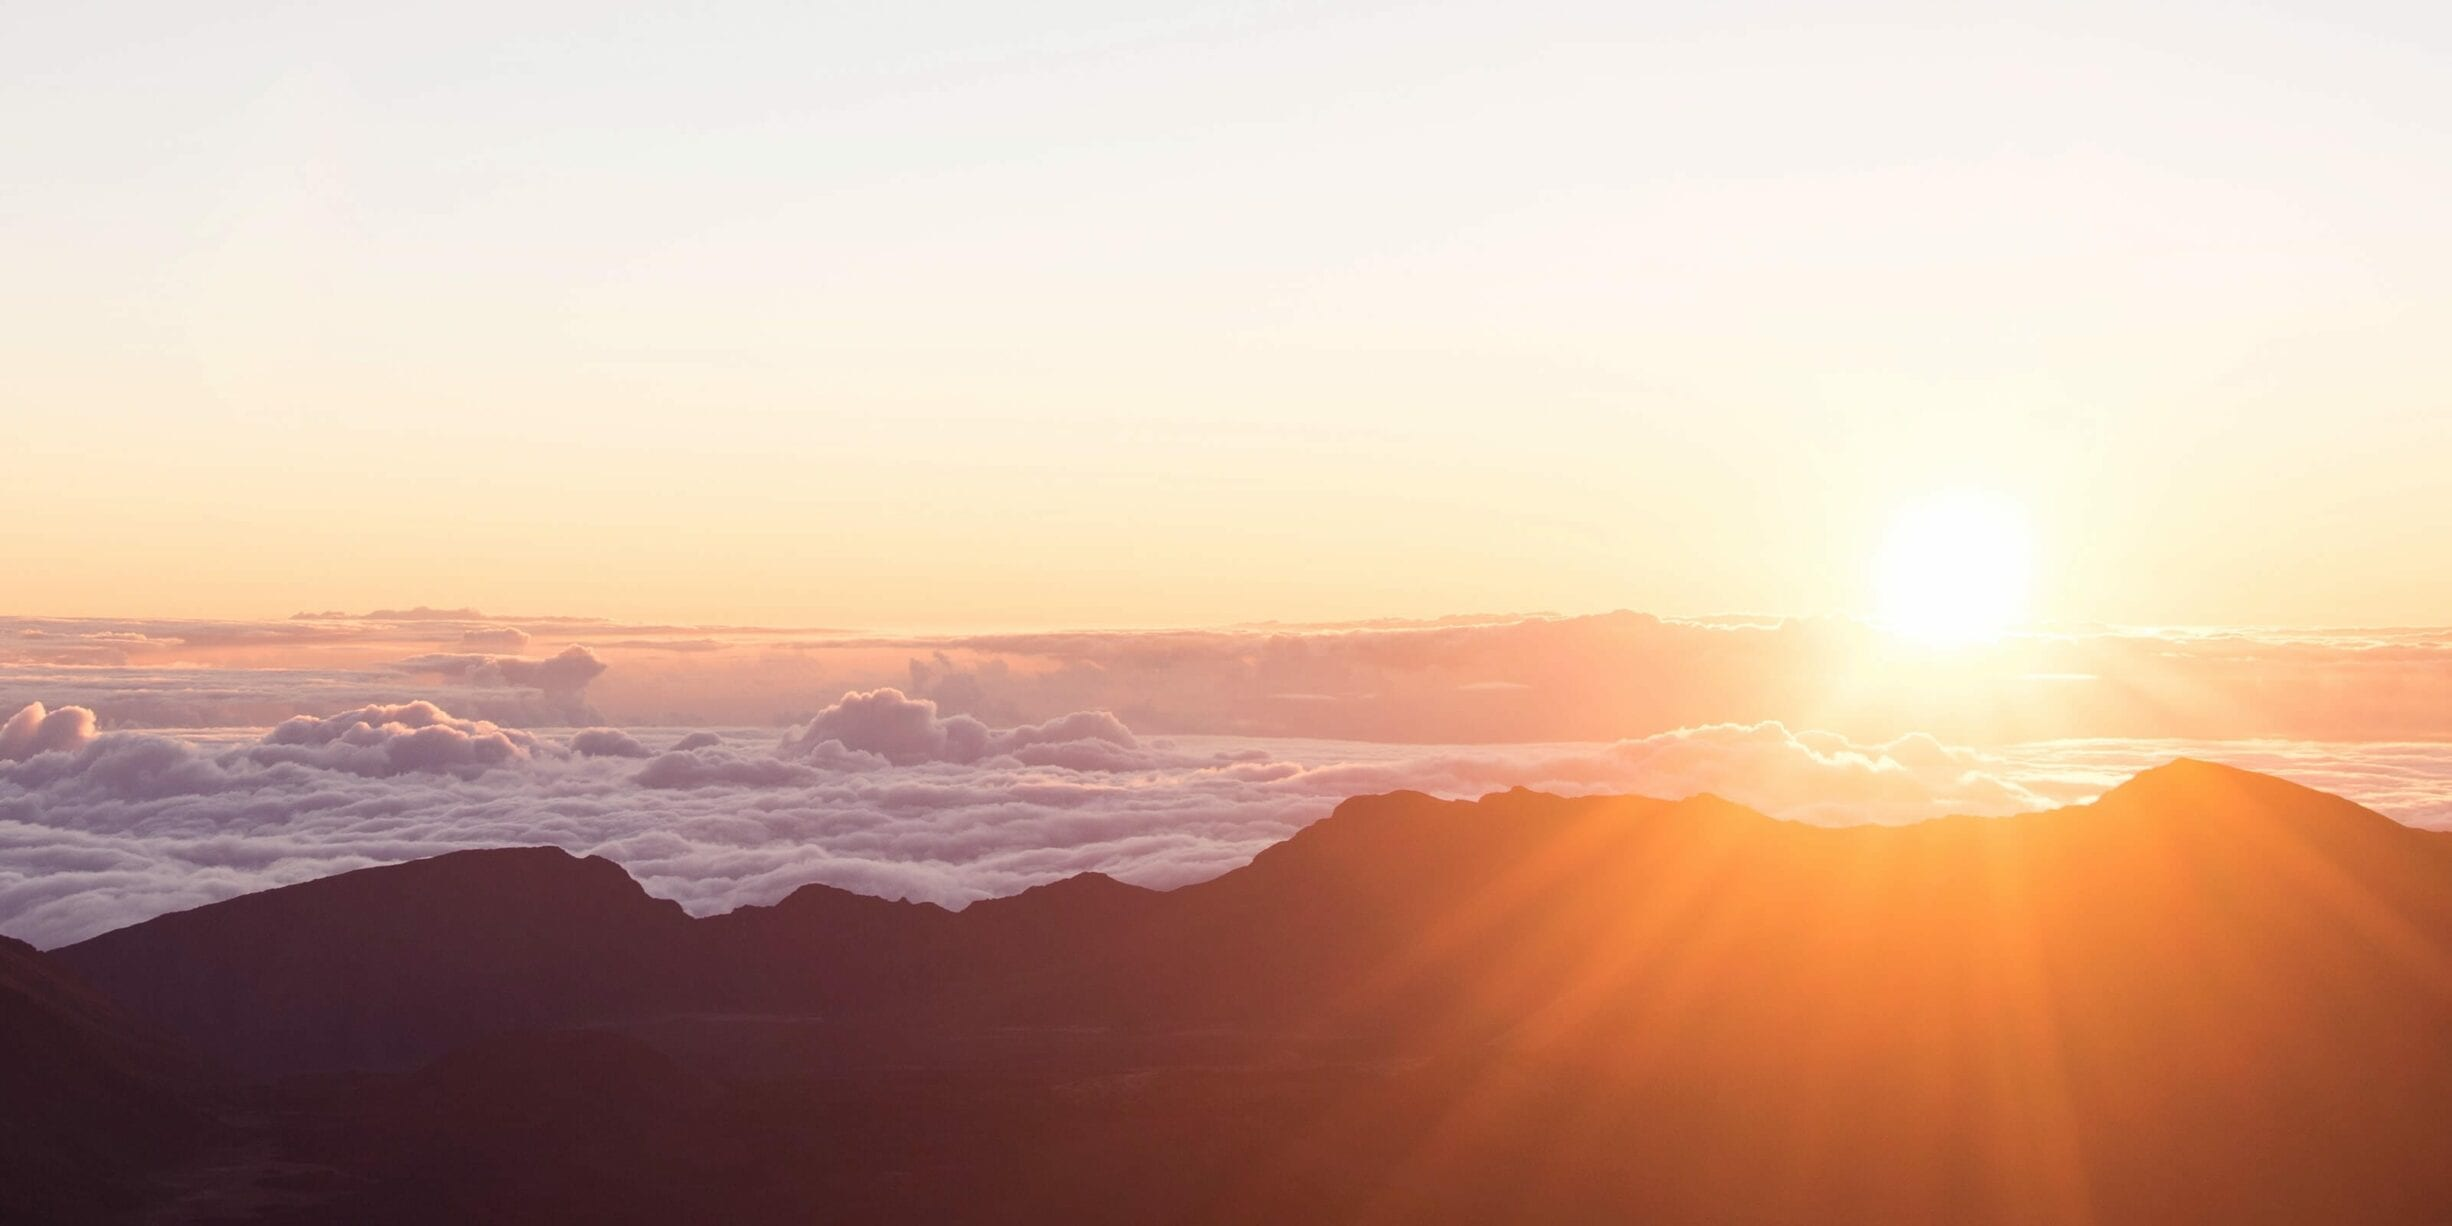 mountain, sunset